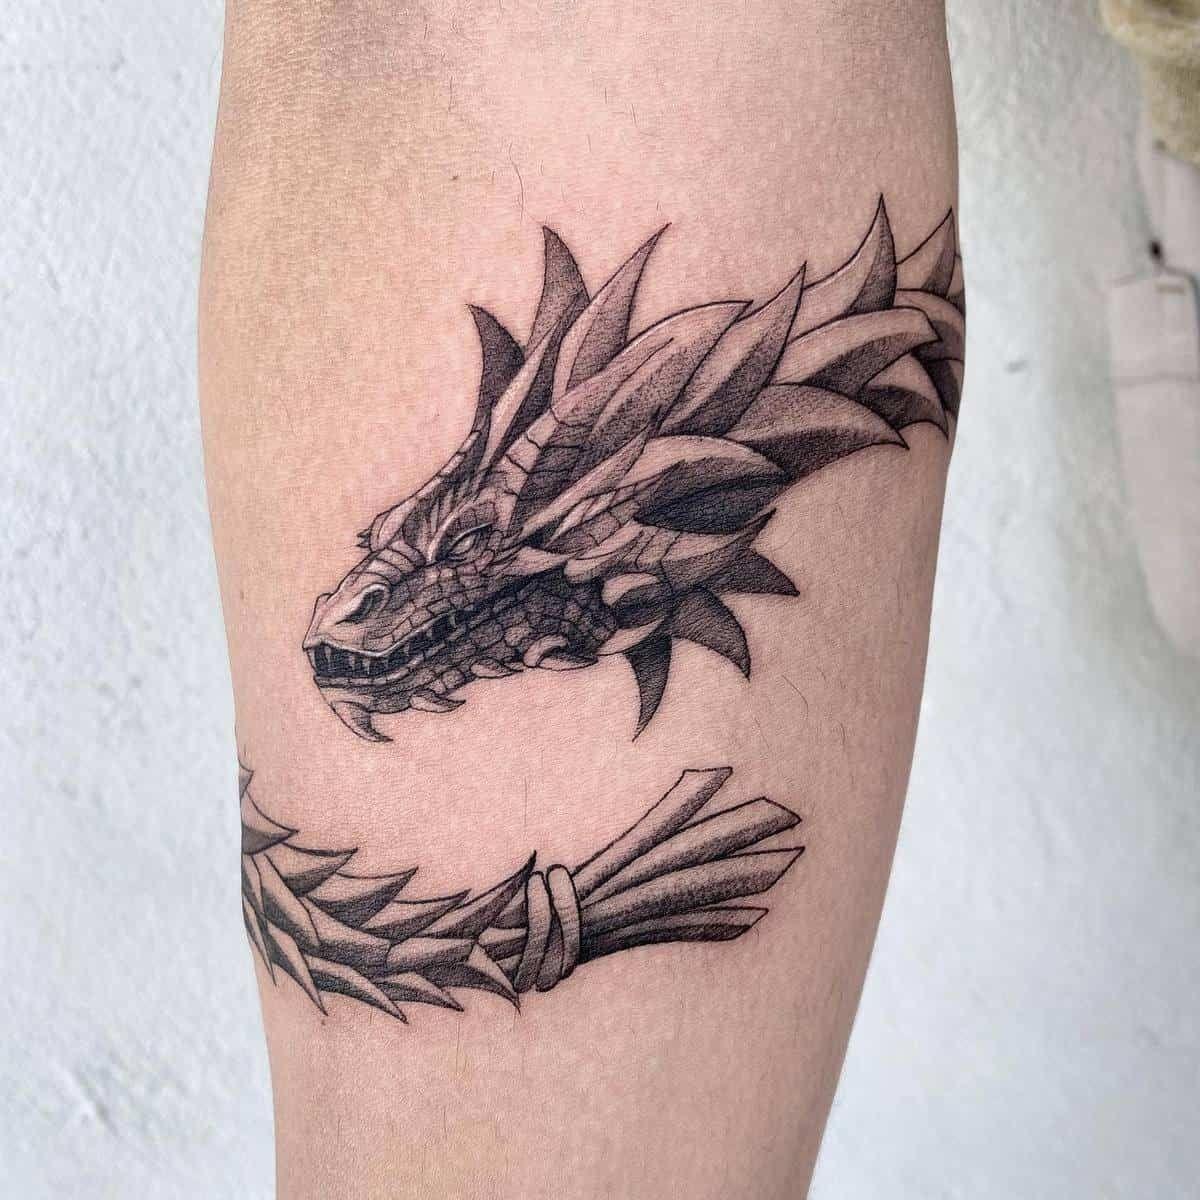 What Do Dragon Tattoos Symbolize? [2021 Inspiration Guide]